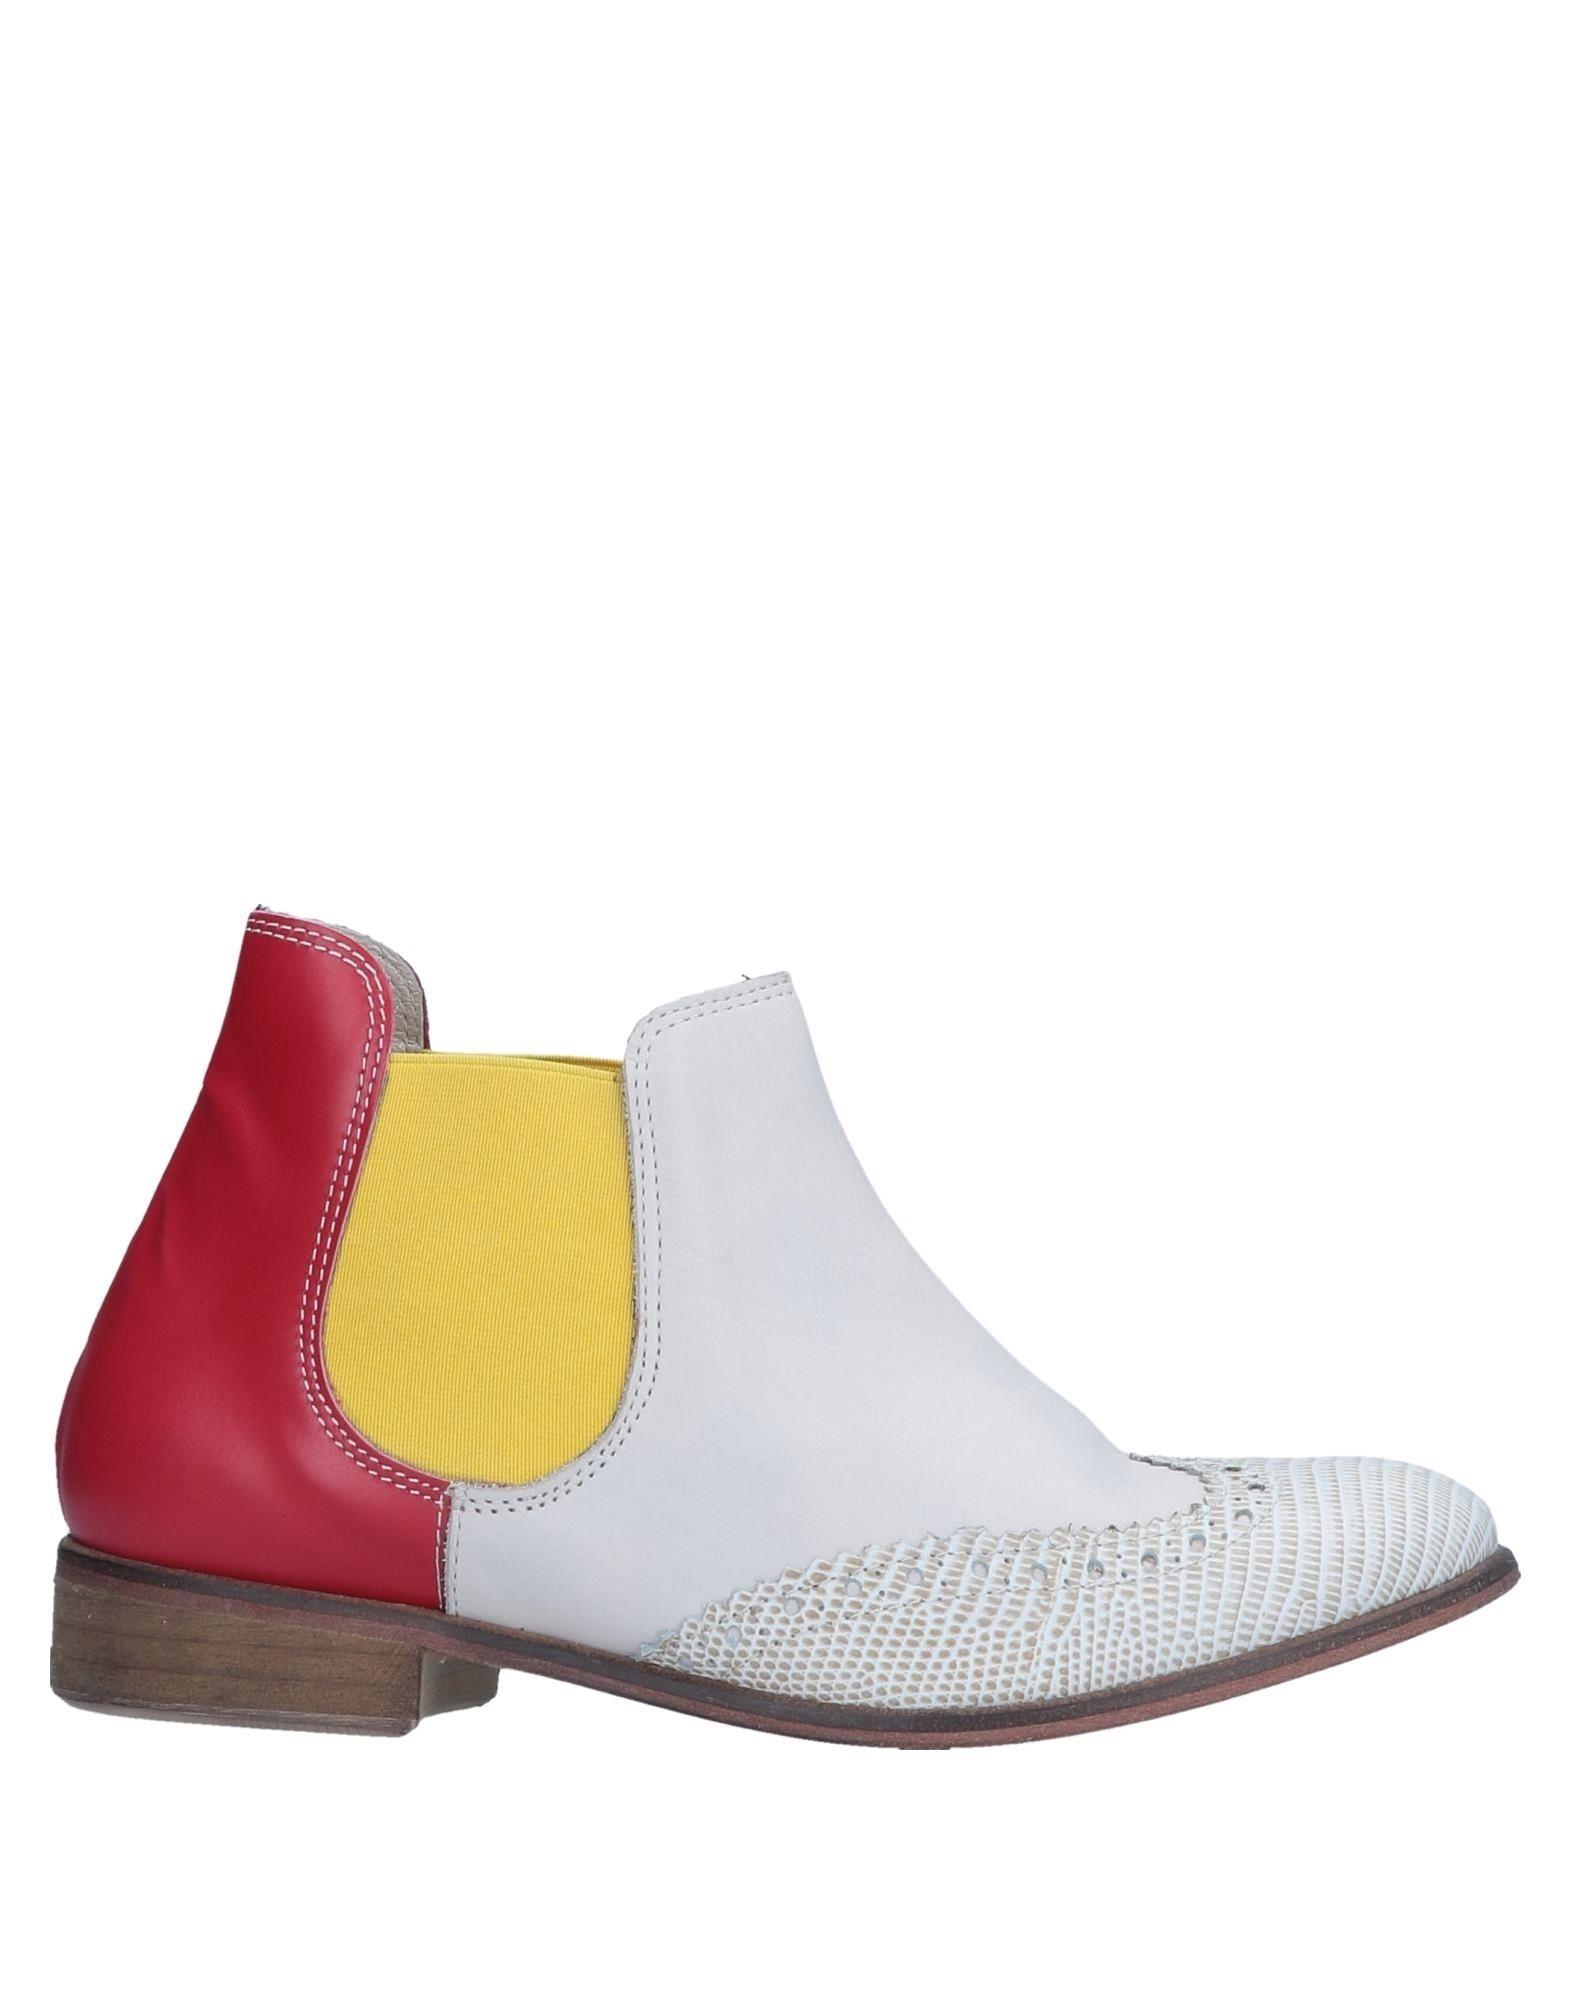 Chelsea Boots Ebarrito Donna - 11548291SQ 11548291SQ - 2ba1fa